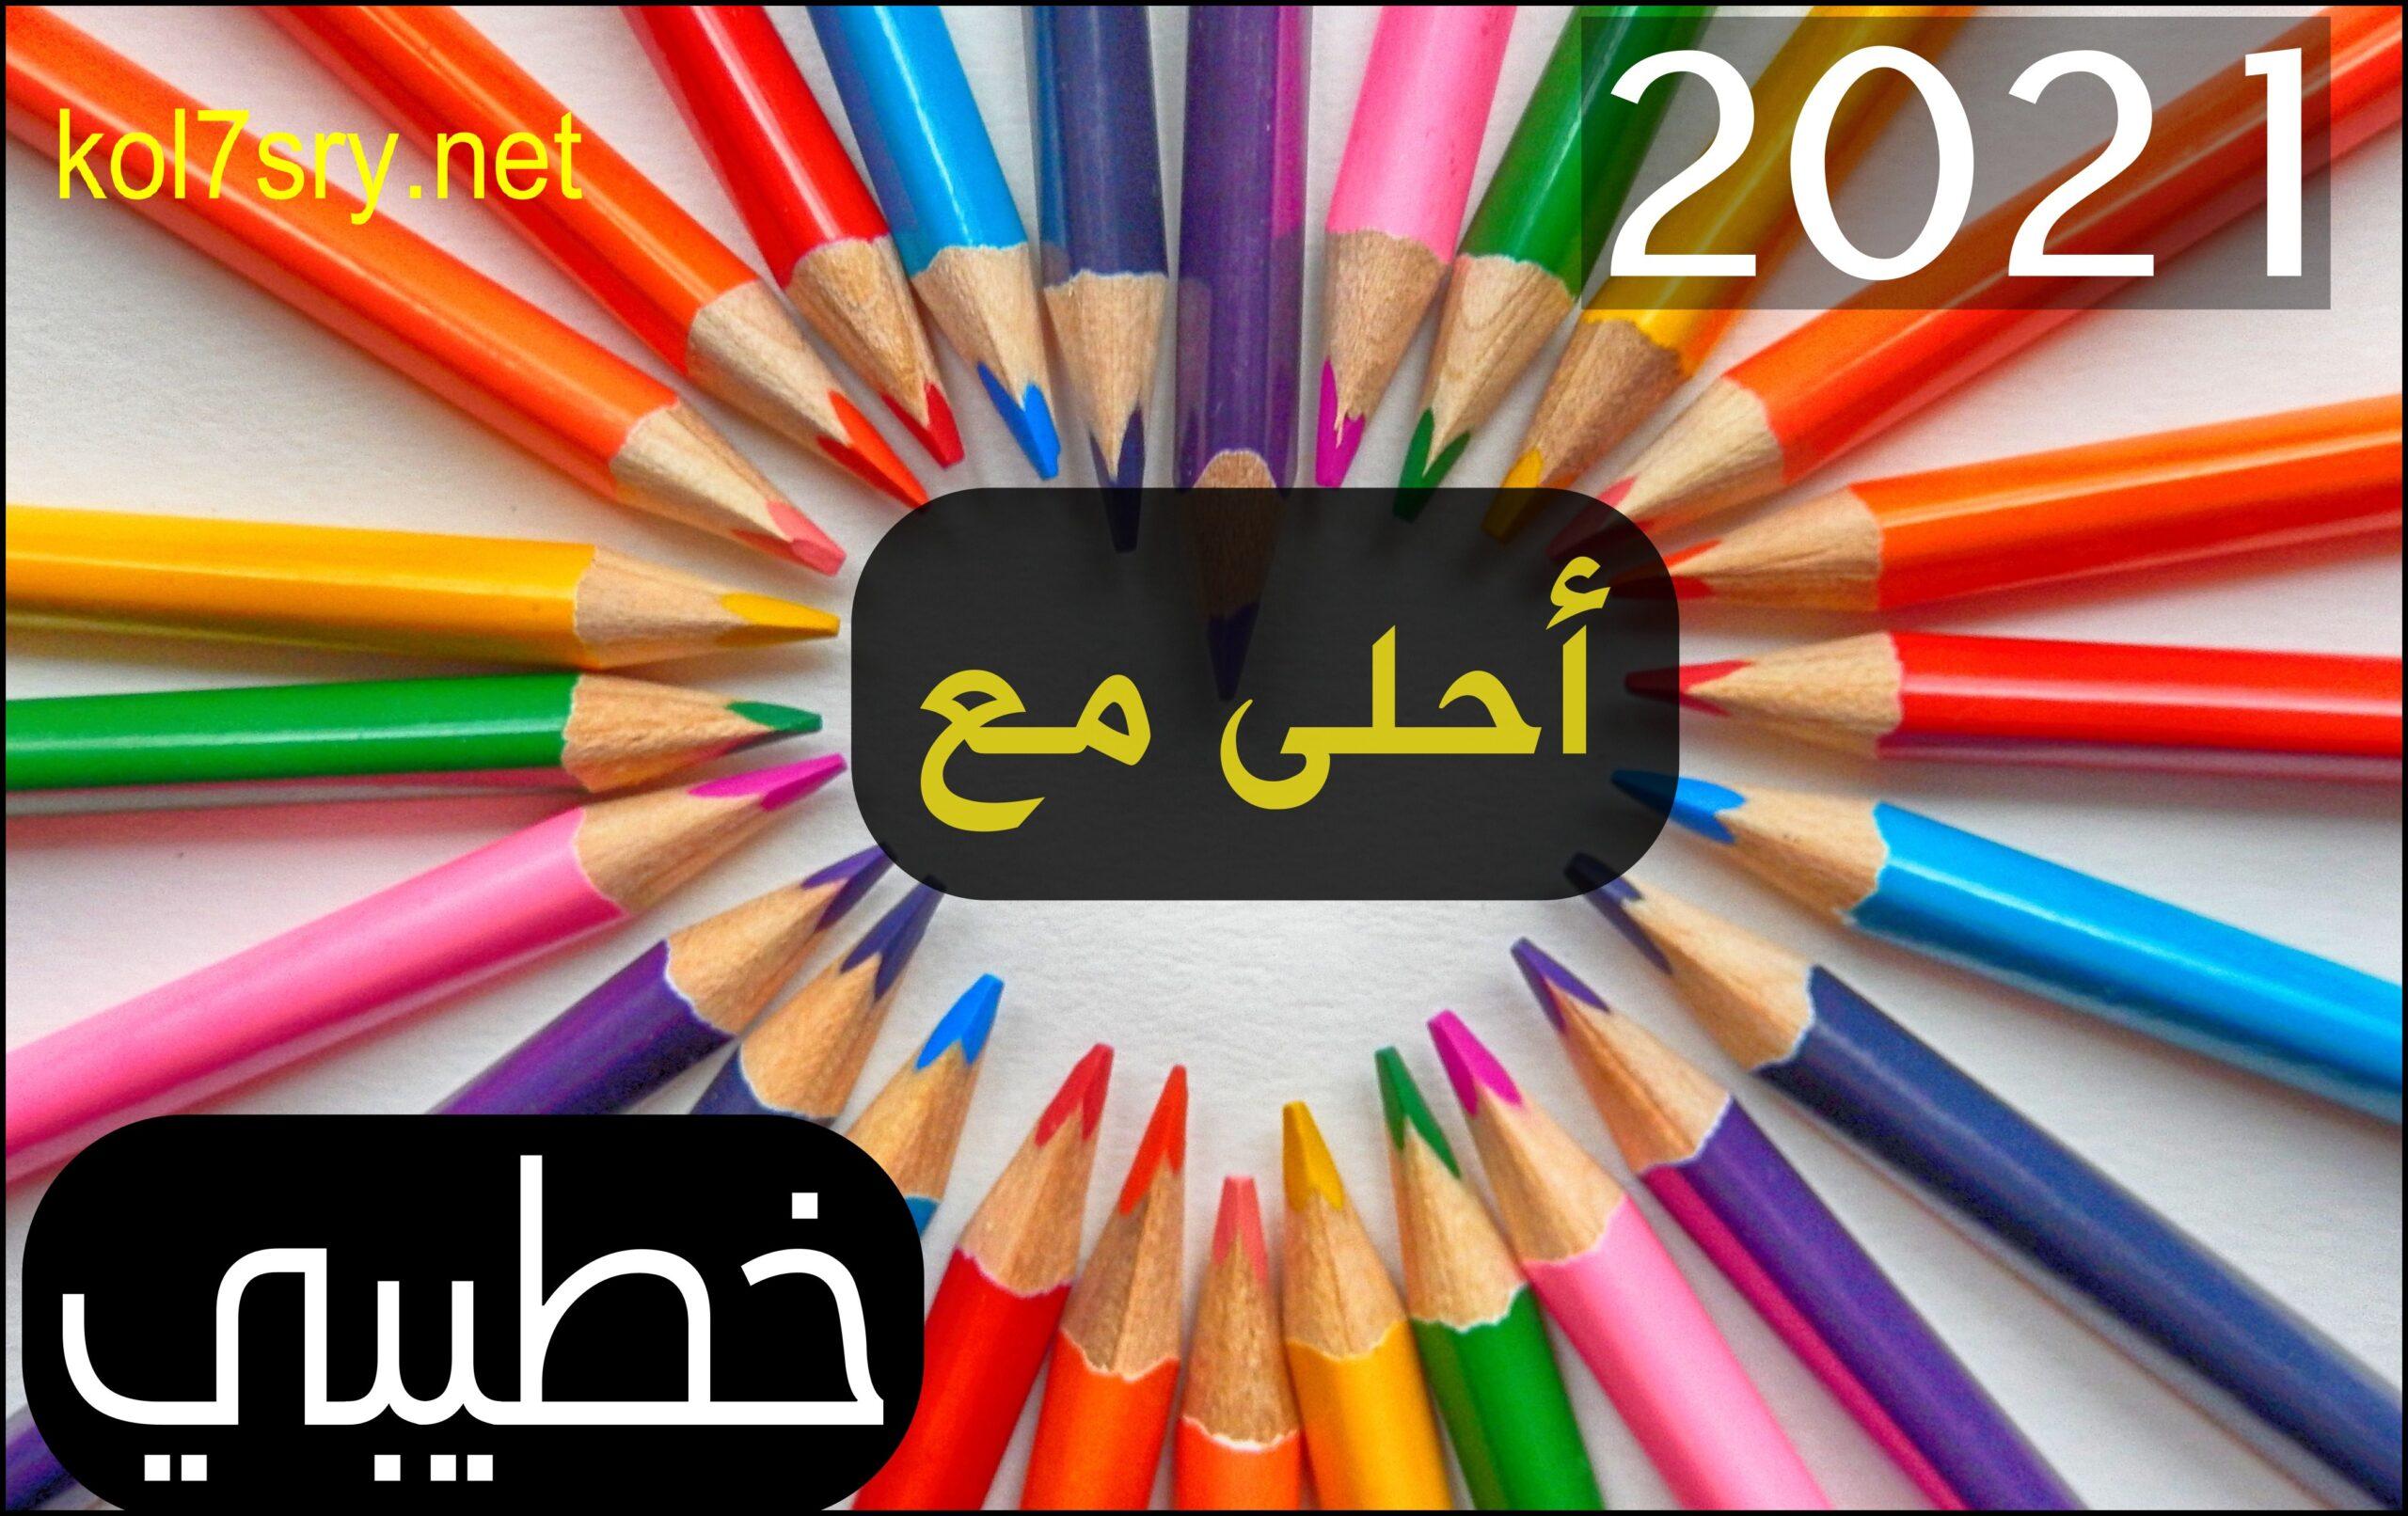 2021 أحلى مع اسمك أجمل 40 صورة HD لعام 2021 احلى مع مجانا اطلب التصميم بالتعليقات 25